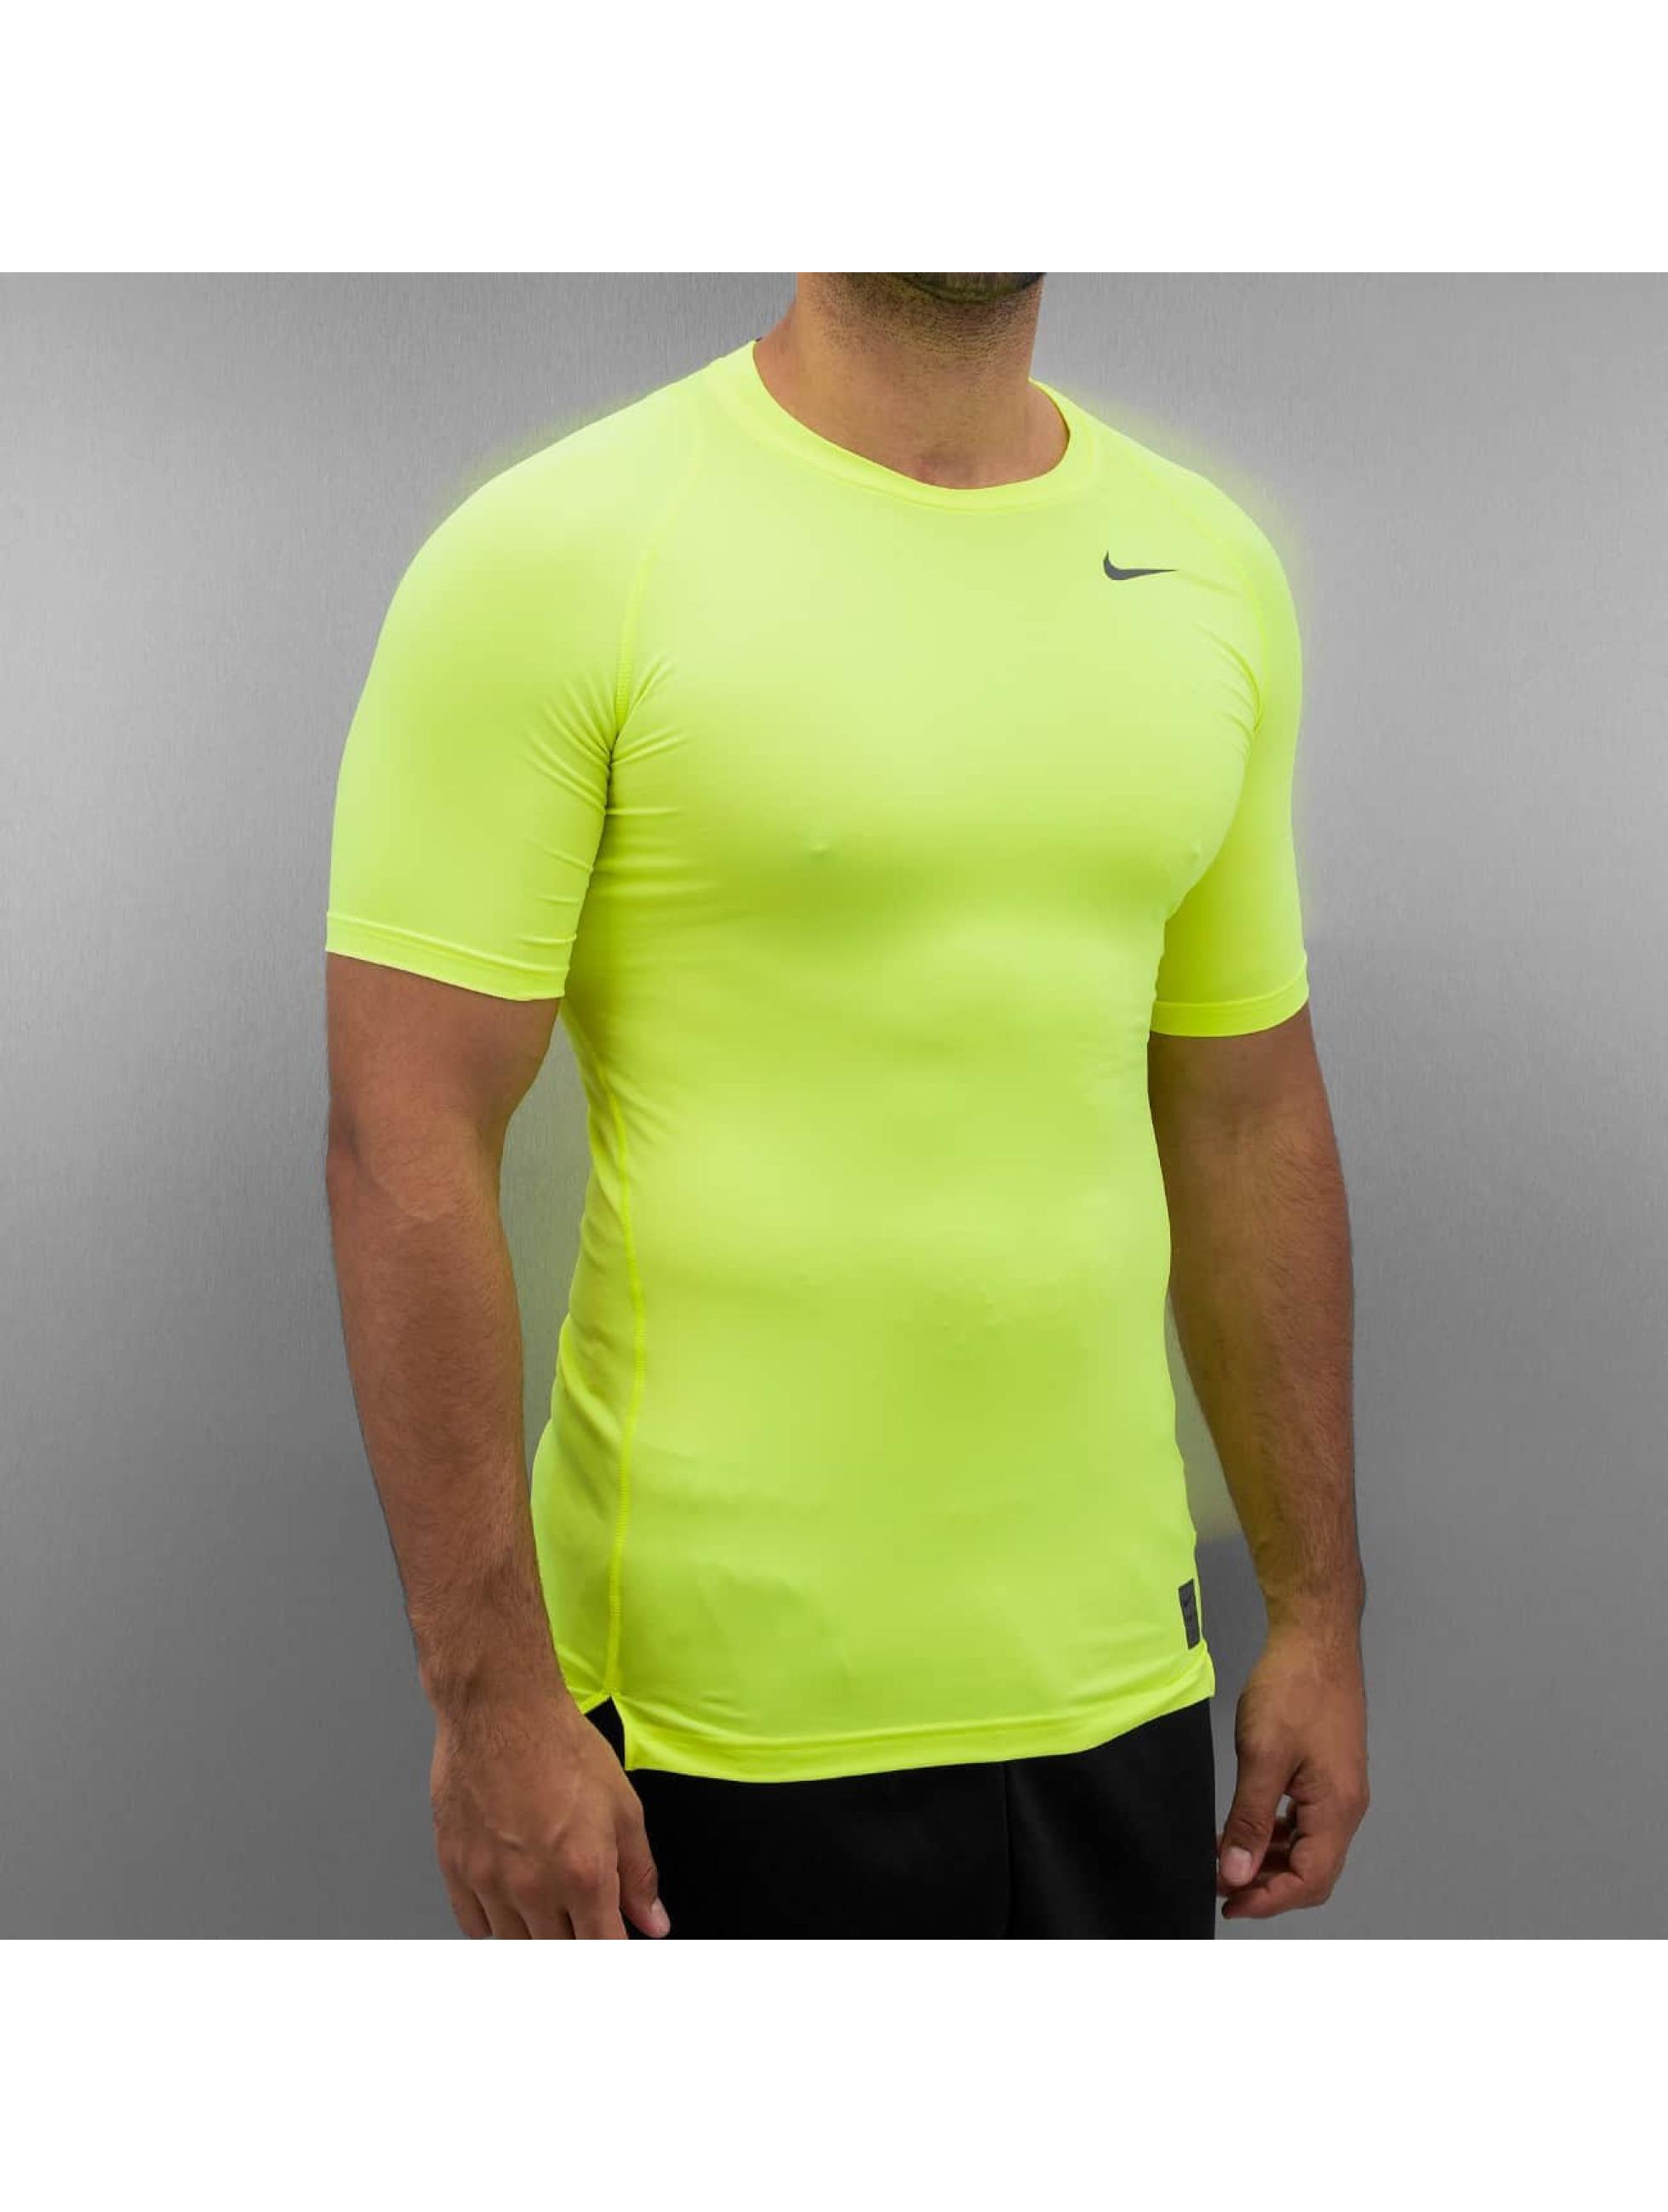 nike haut t shirt pro compression en jaune 257358. Black Bedroom Furniture Sets. Home Design Ideas